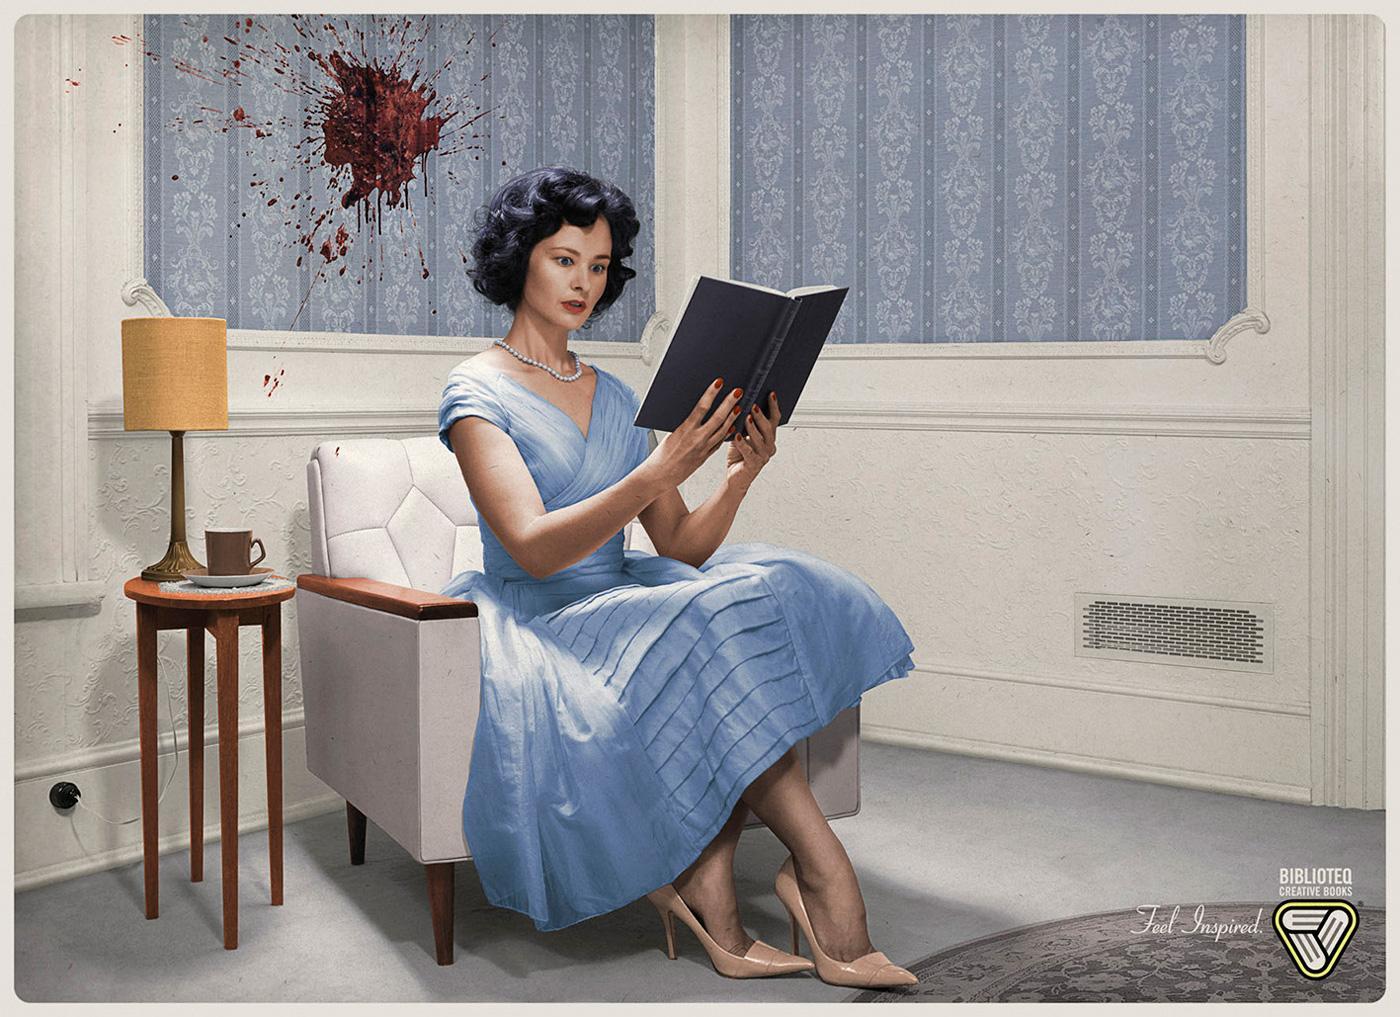 Biblioteq Creative Books Print Ad -  Feel inspired, 3